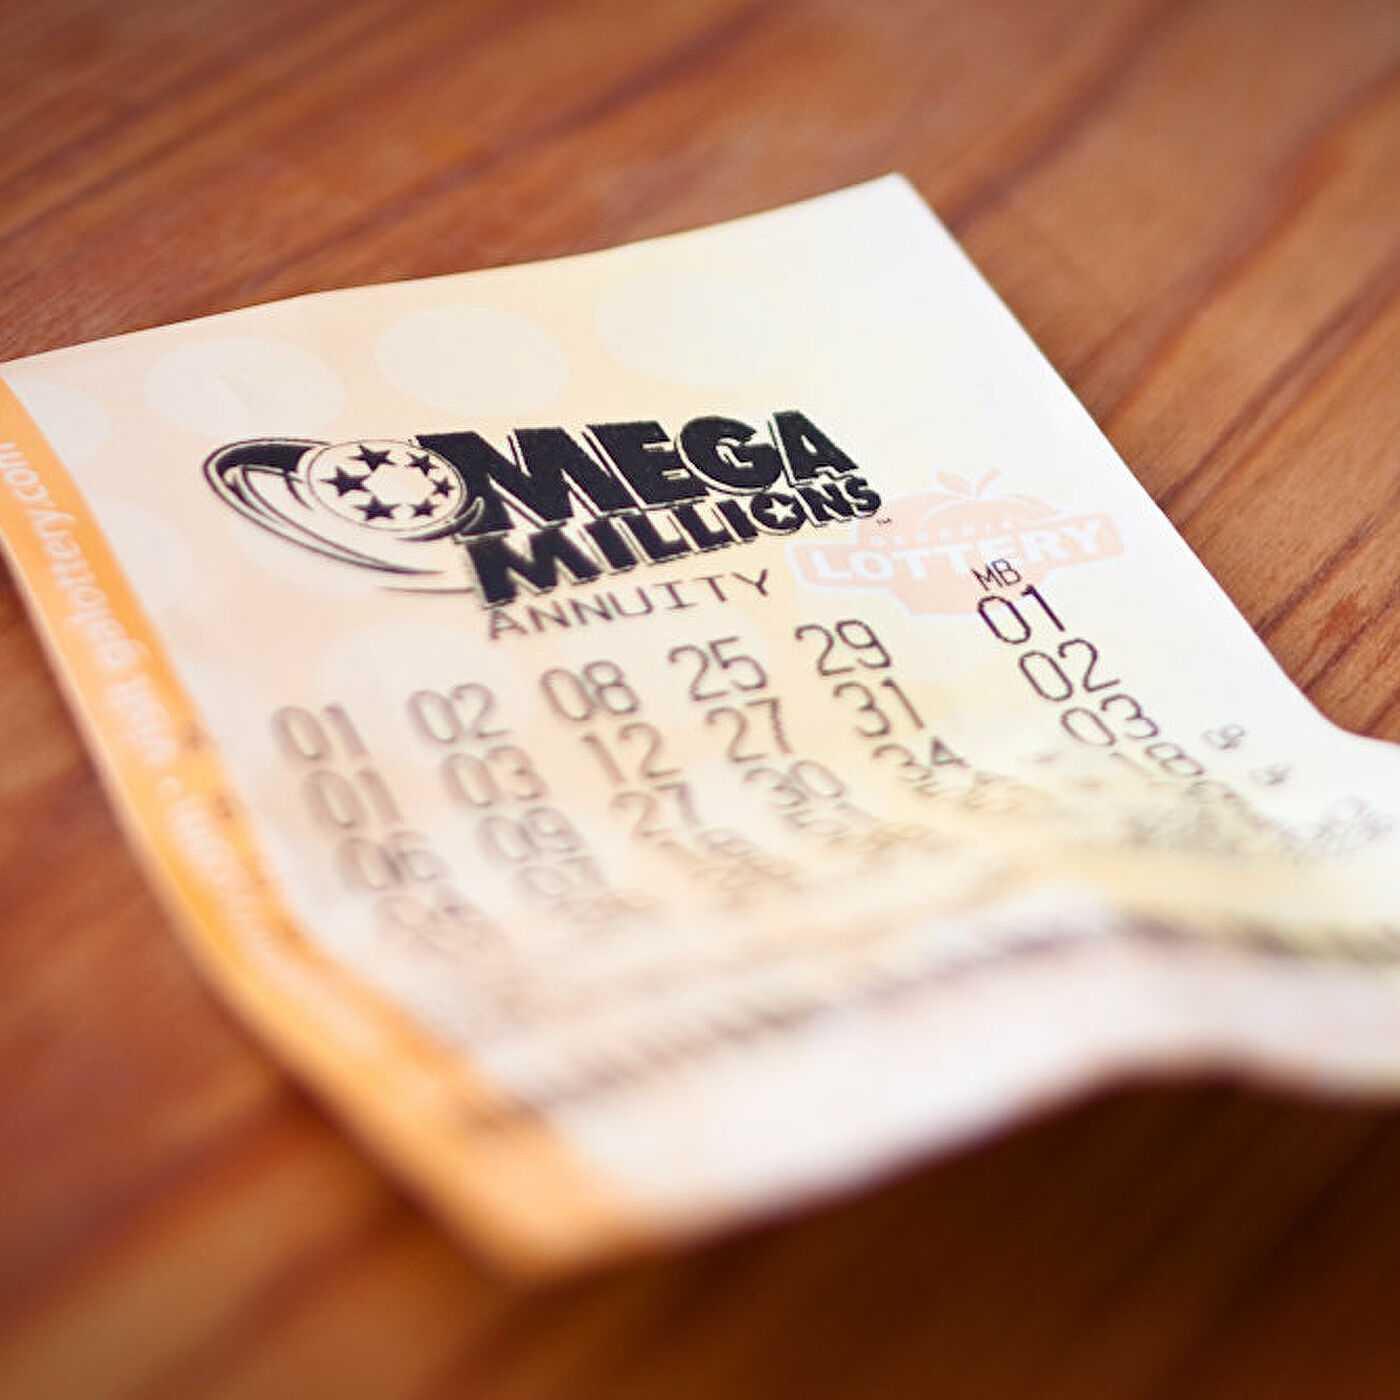 Sådan spiller du verdenslotterier fra Rusland - de bedste udenlandske lotterier online - lotteryimira.rf